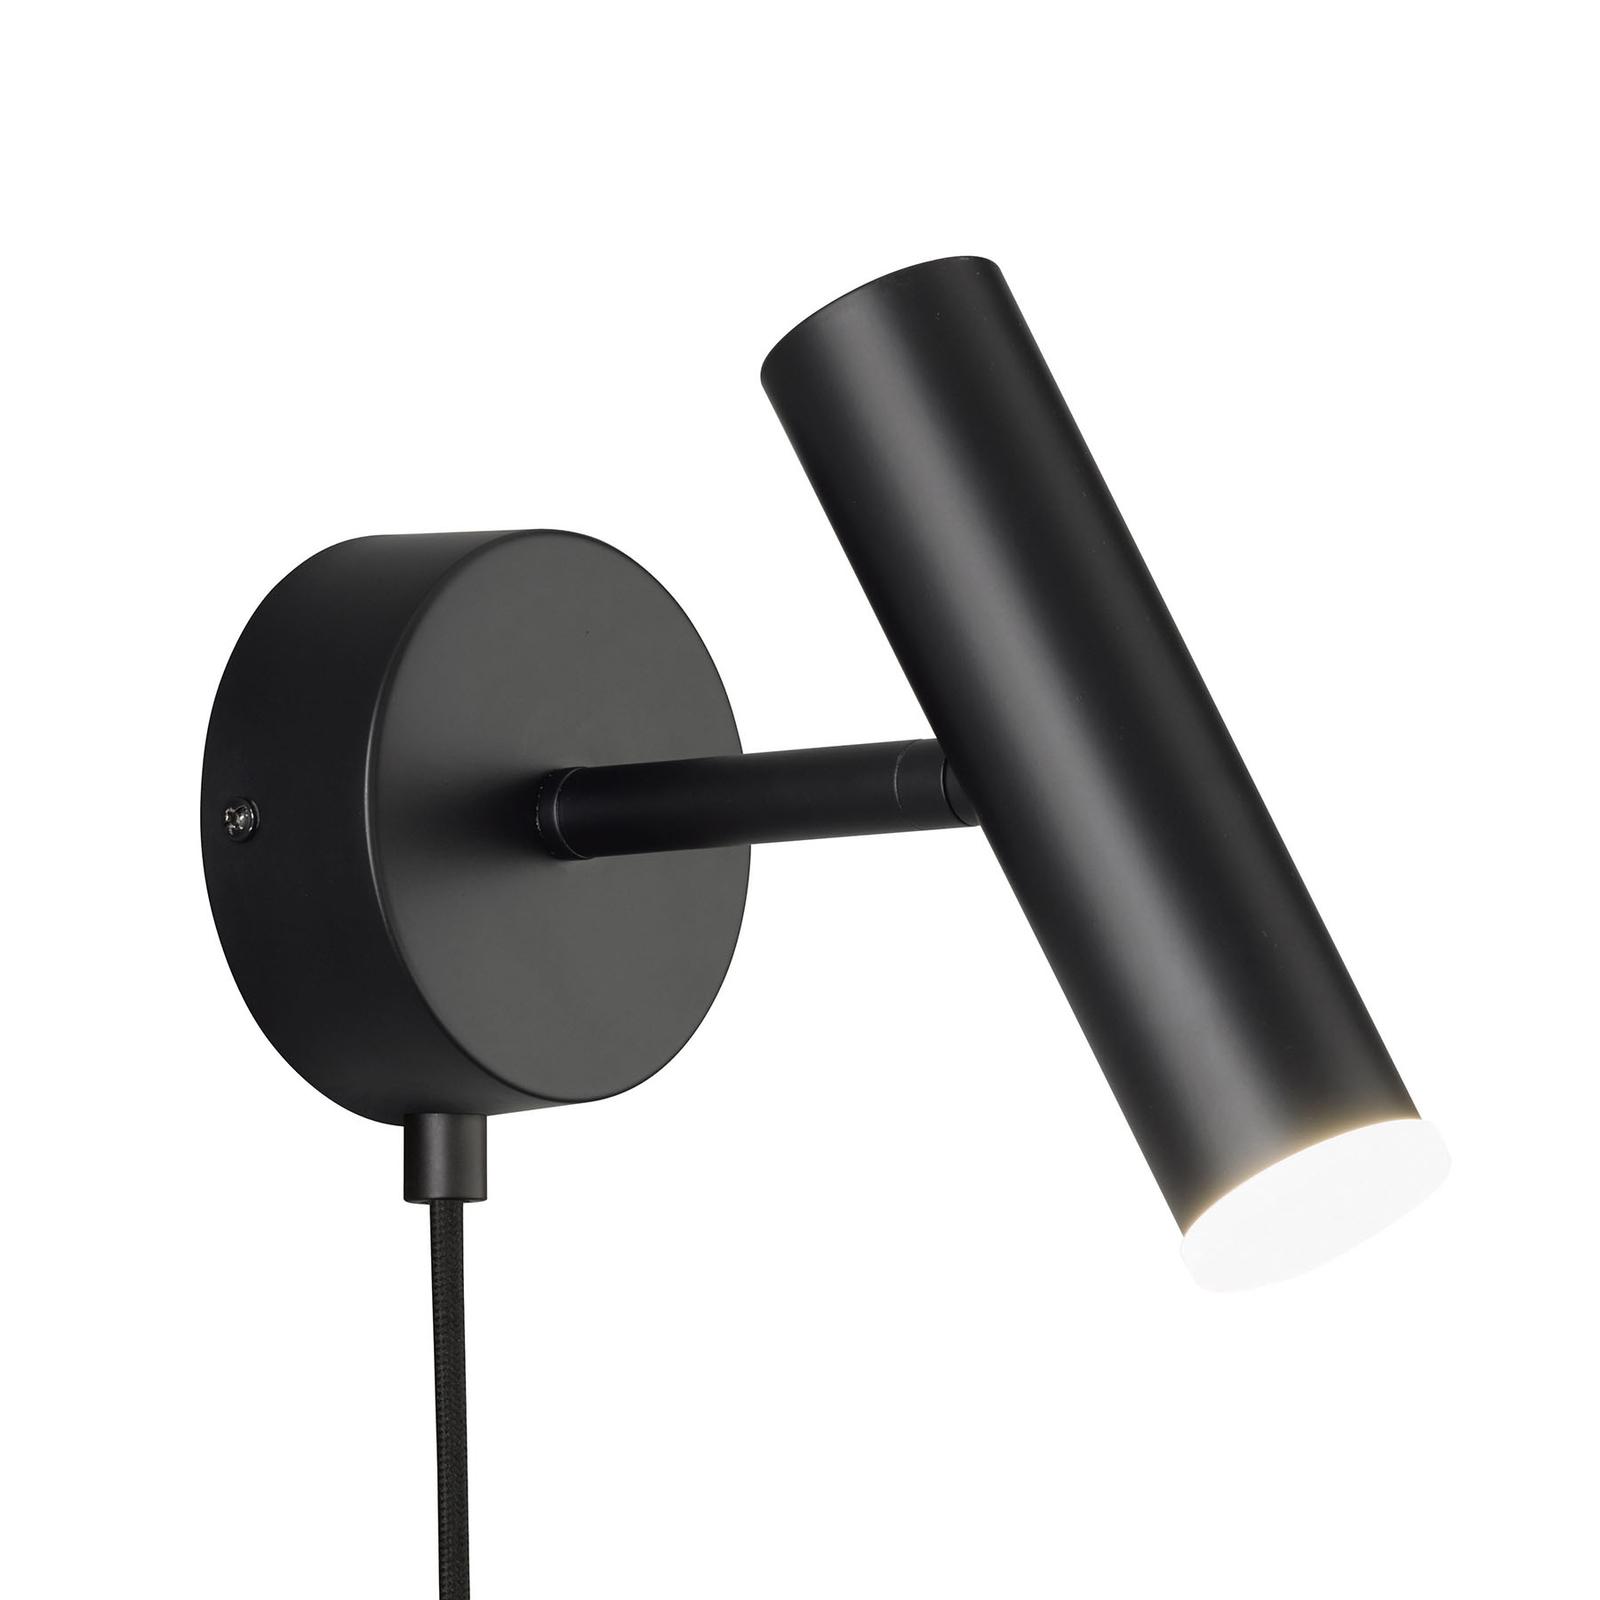 Schöner Wohnen Stina applique LED, noire